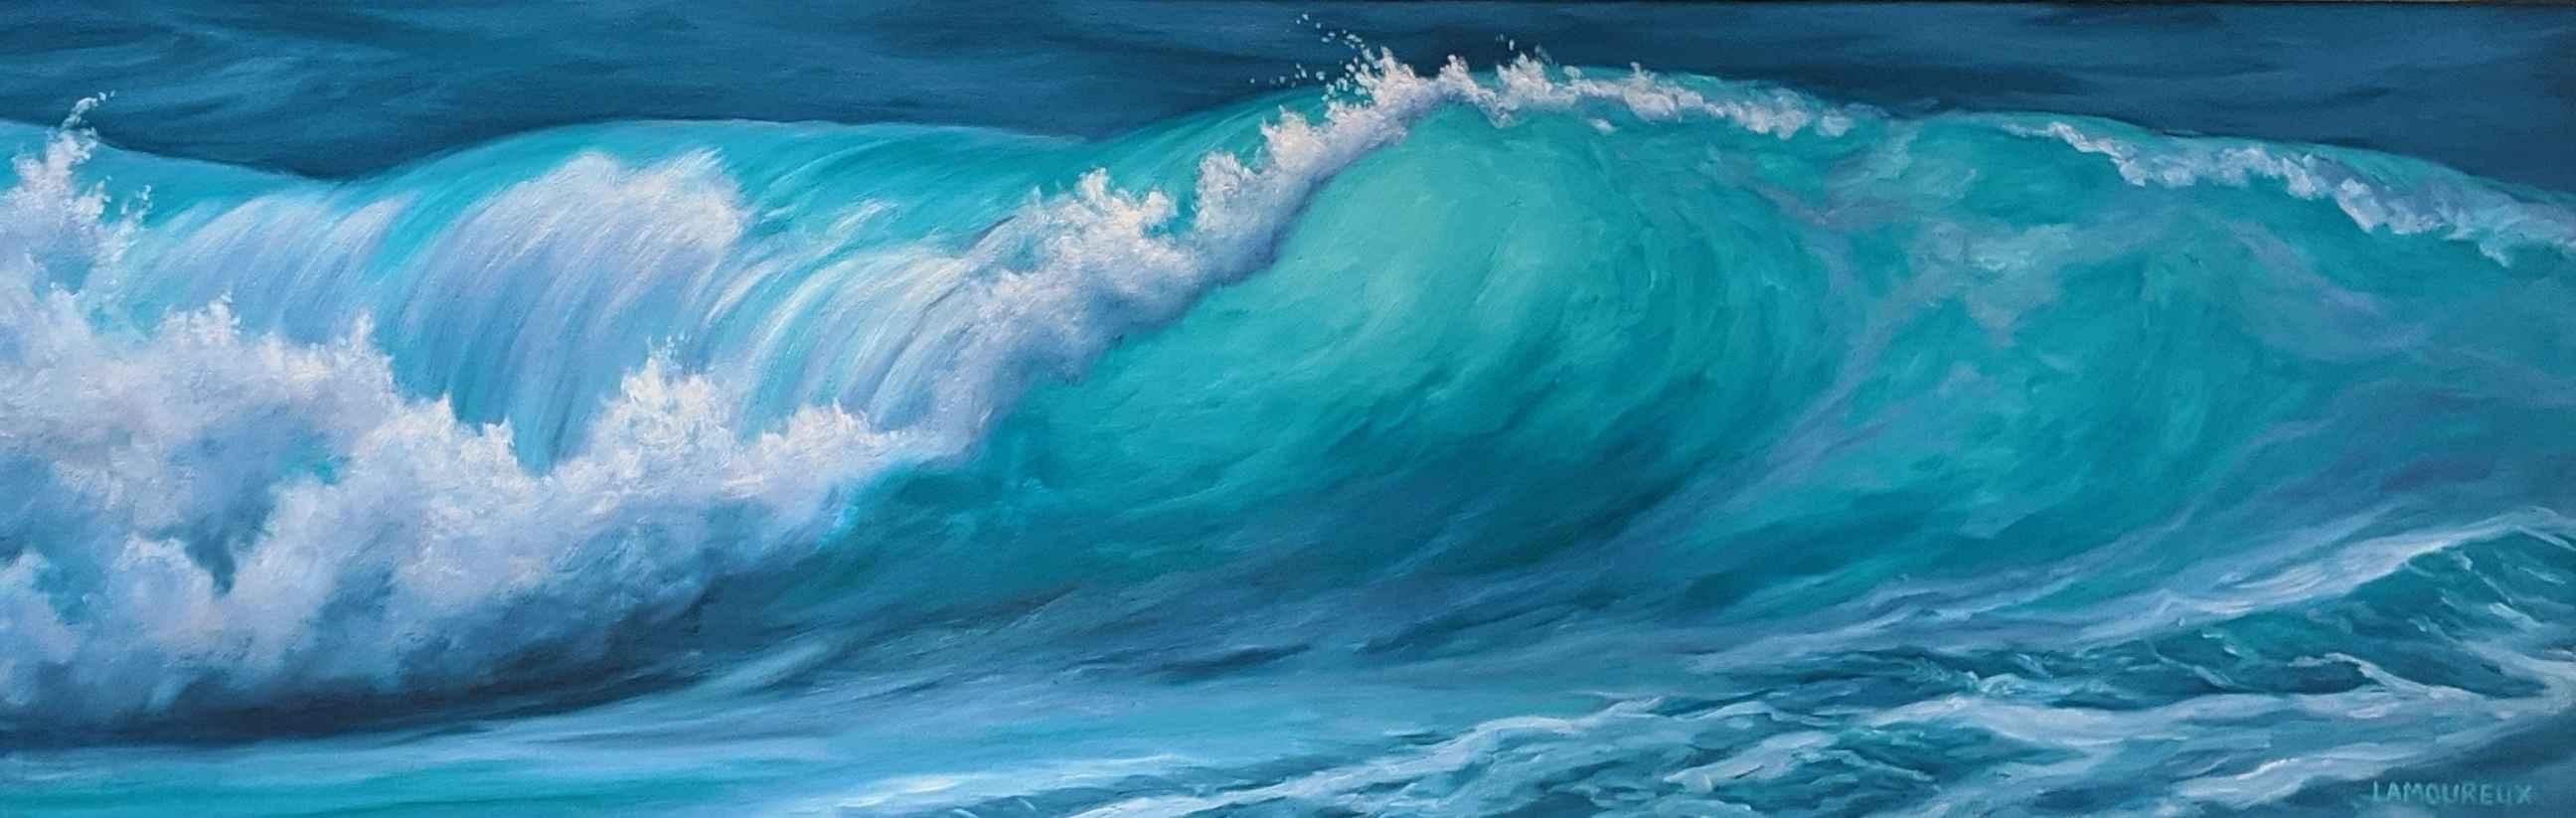 Crash by  Julie Lamoureux - Masterpiece Online